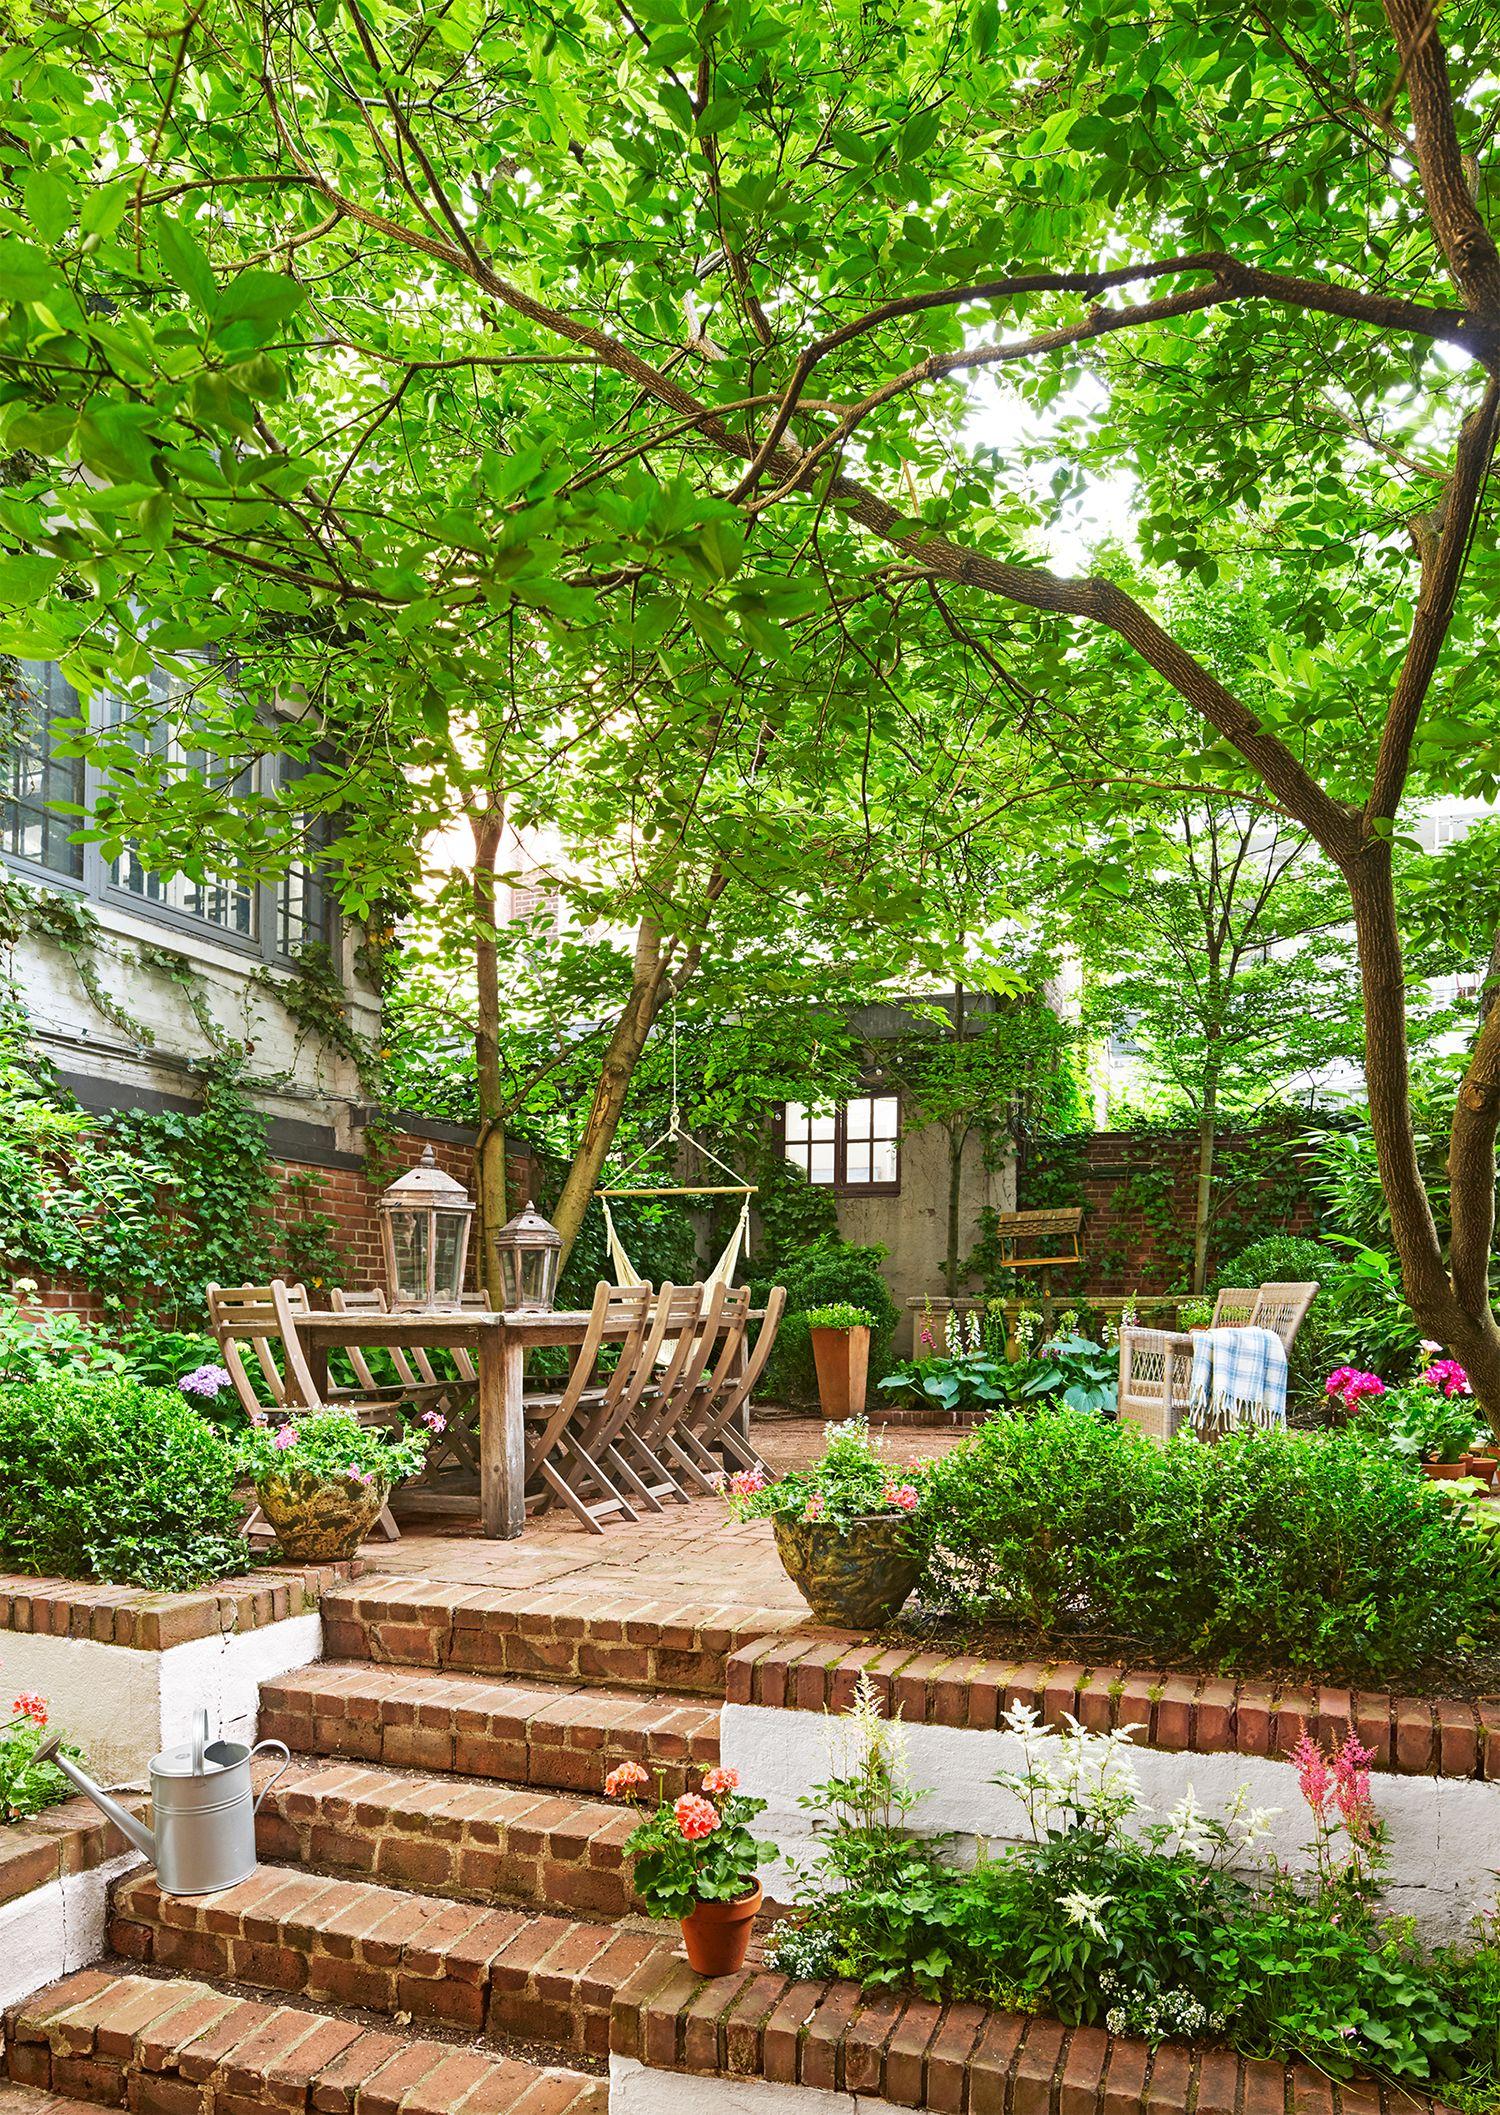 18 Creative Small Garden Ideas - Indoor and Outdoor Garden ... on Small Backyard Garden Design id=83458